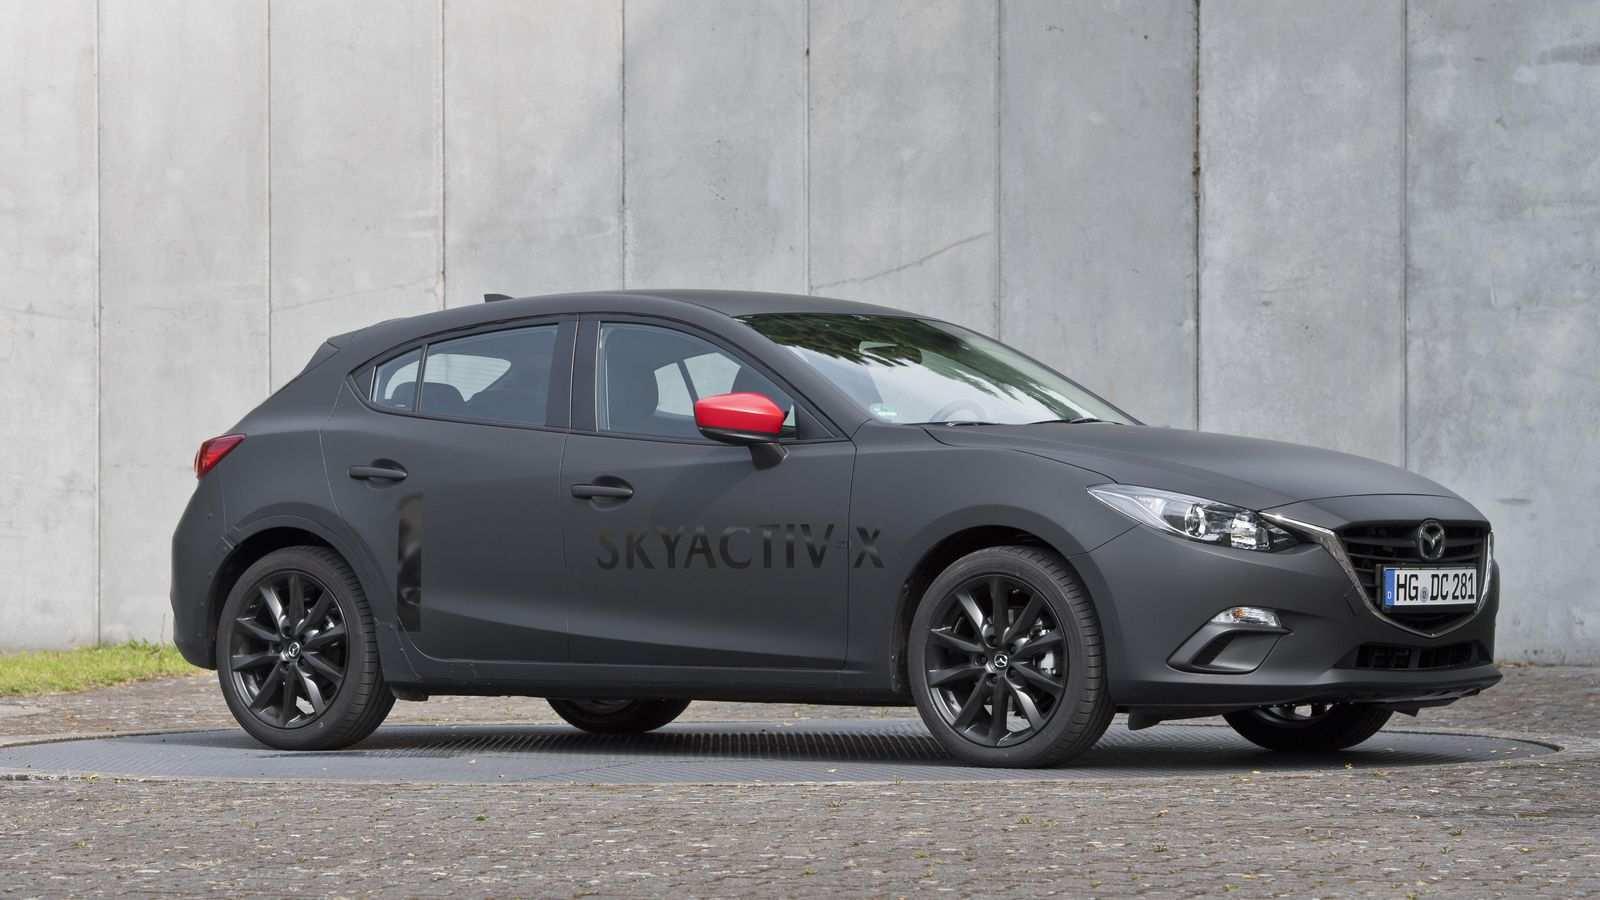 38 Gallery of Mazda Demio 2020 Model with Mazda Demio 2020